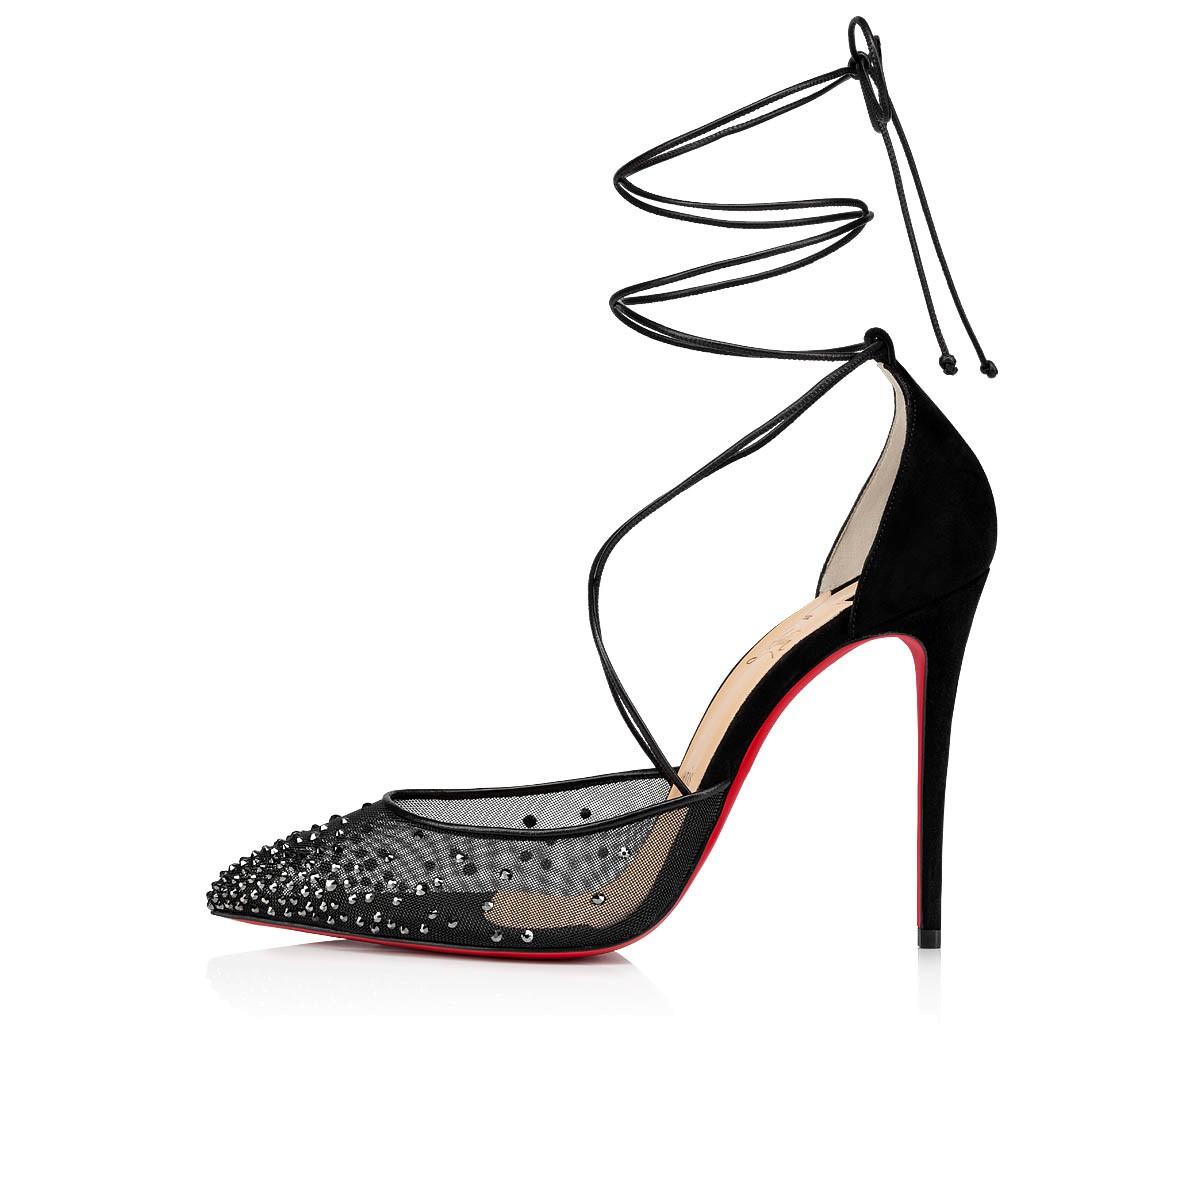 Shoes - Maia Labella - Christian Louboutin